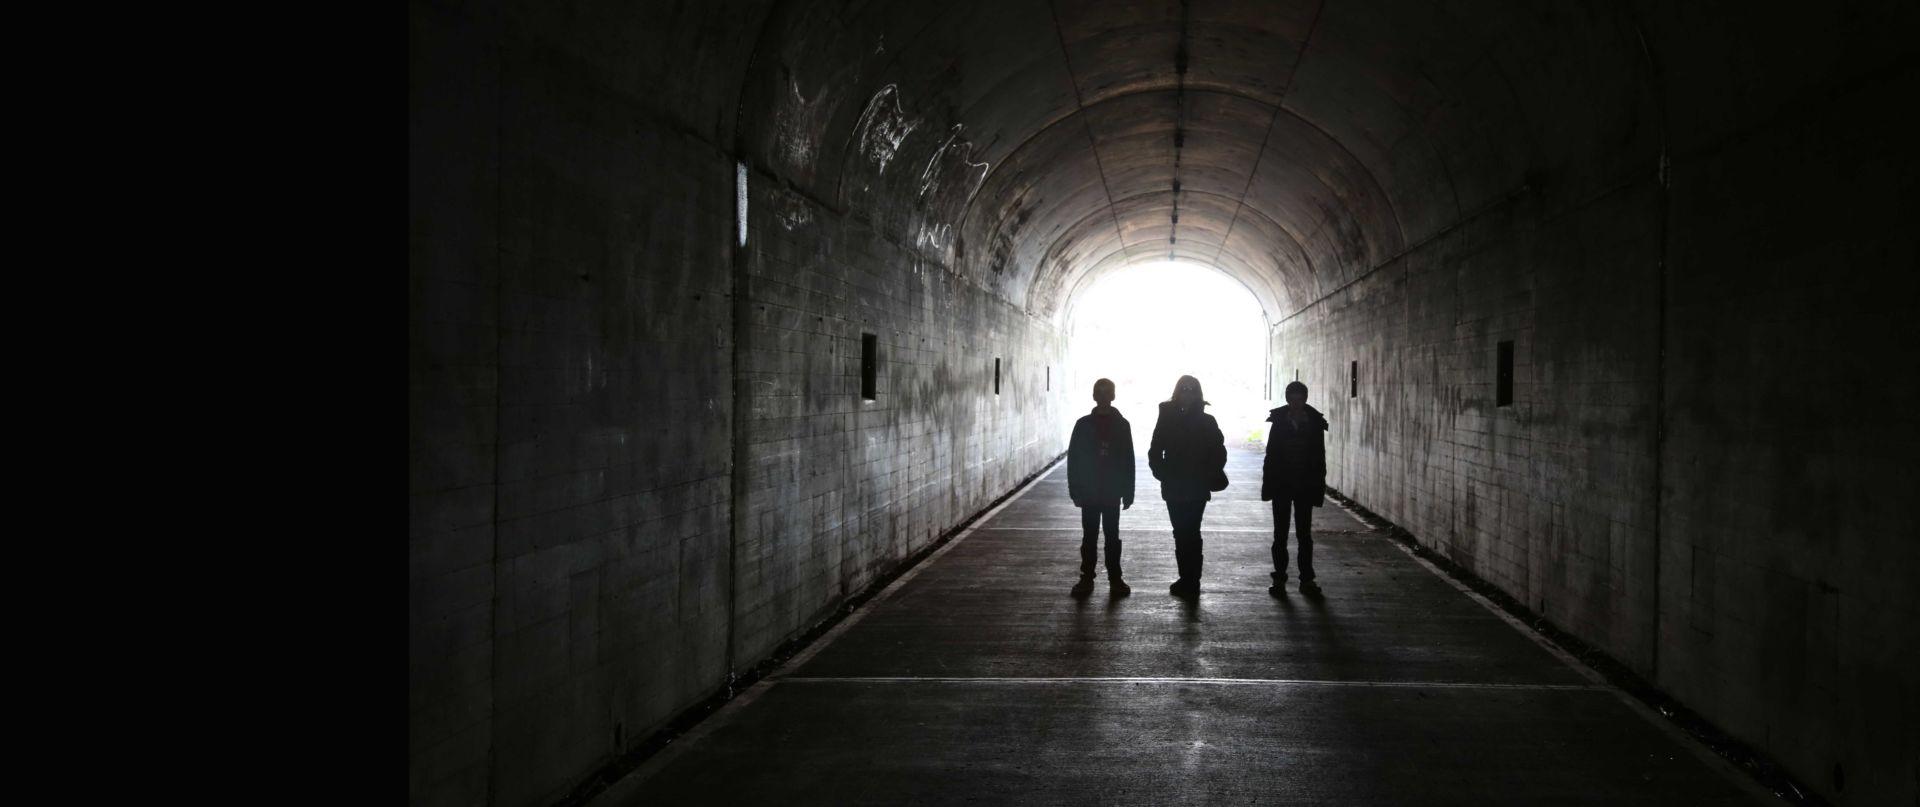 Kolme henkilöä pimeässä tunnelissa, jonka päässä näkyy valoa.